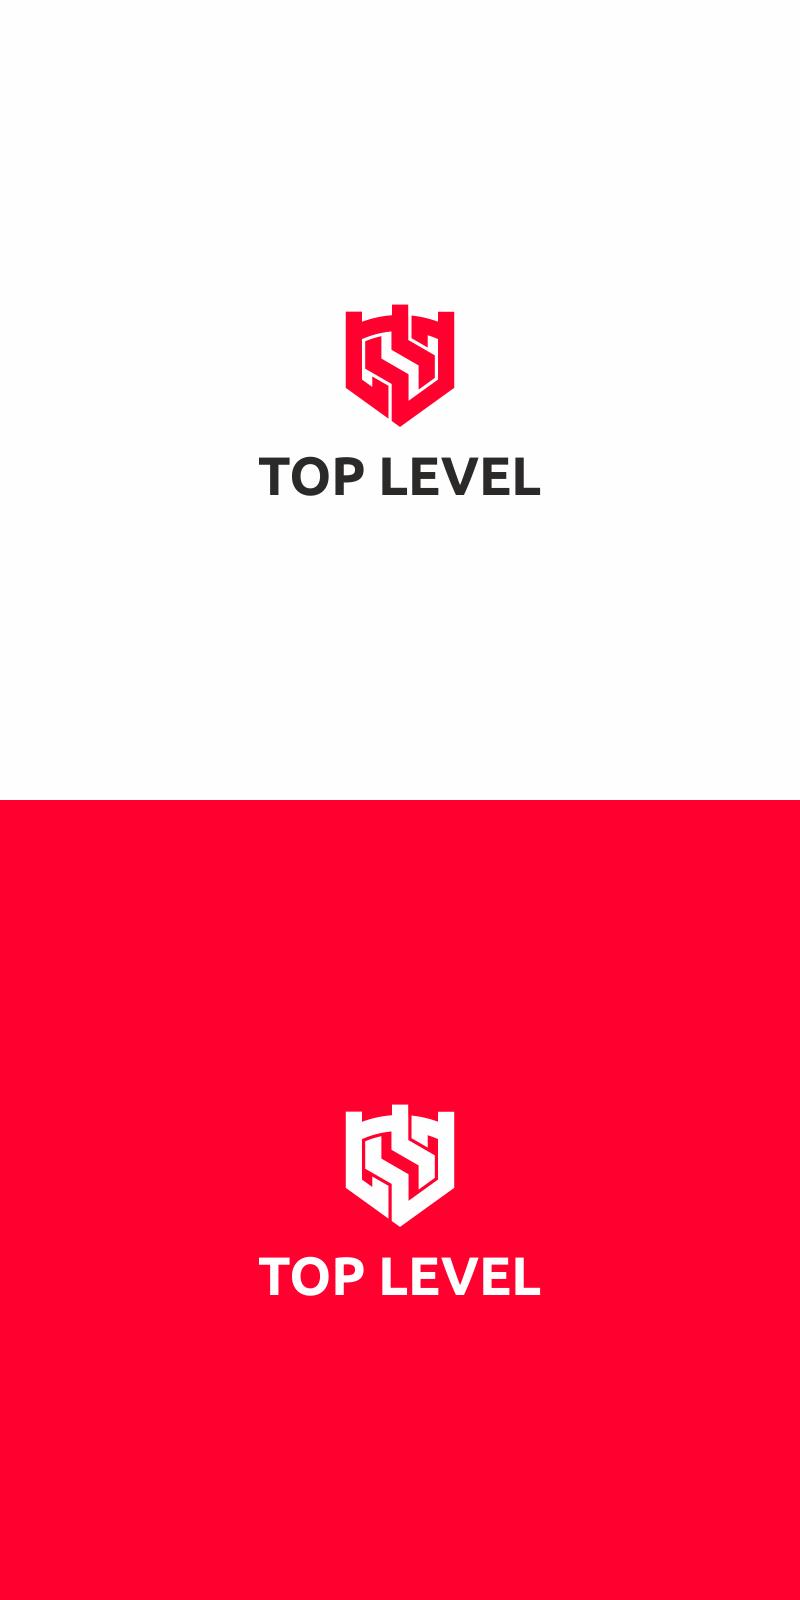 Разработка логотипа для тюнинг ателье фото f_0385f4a98a10f597.png